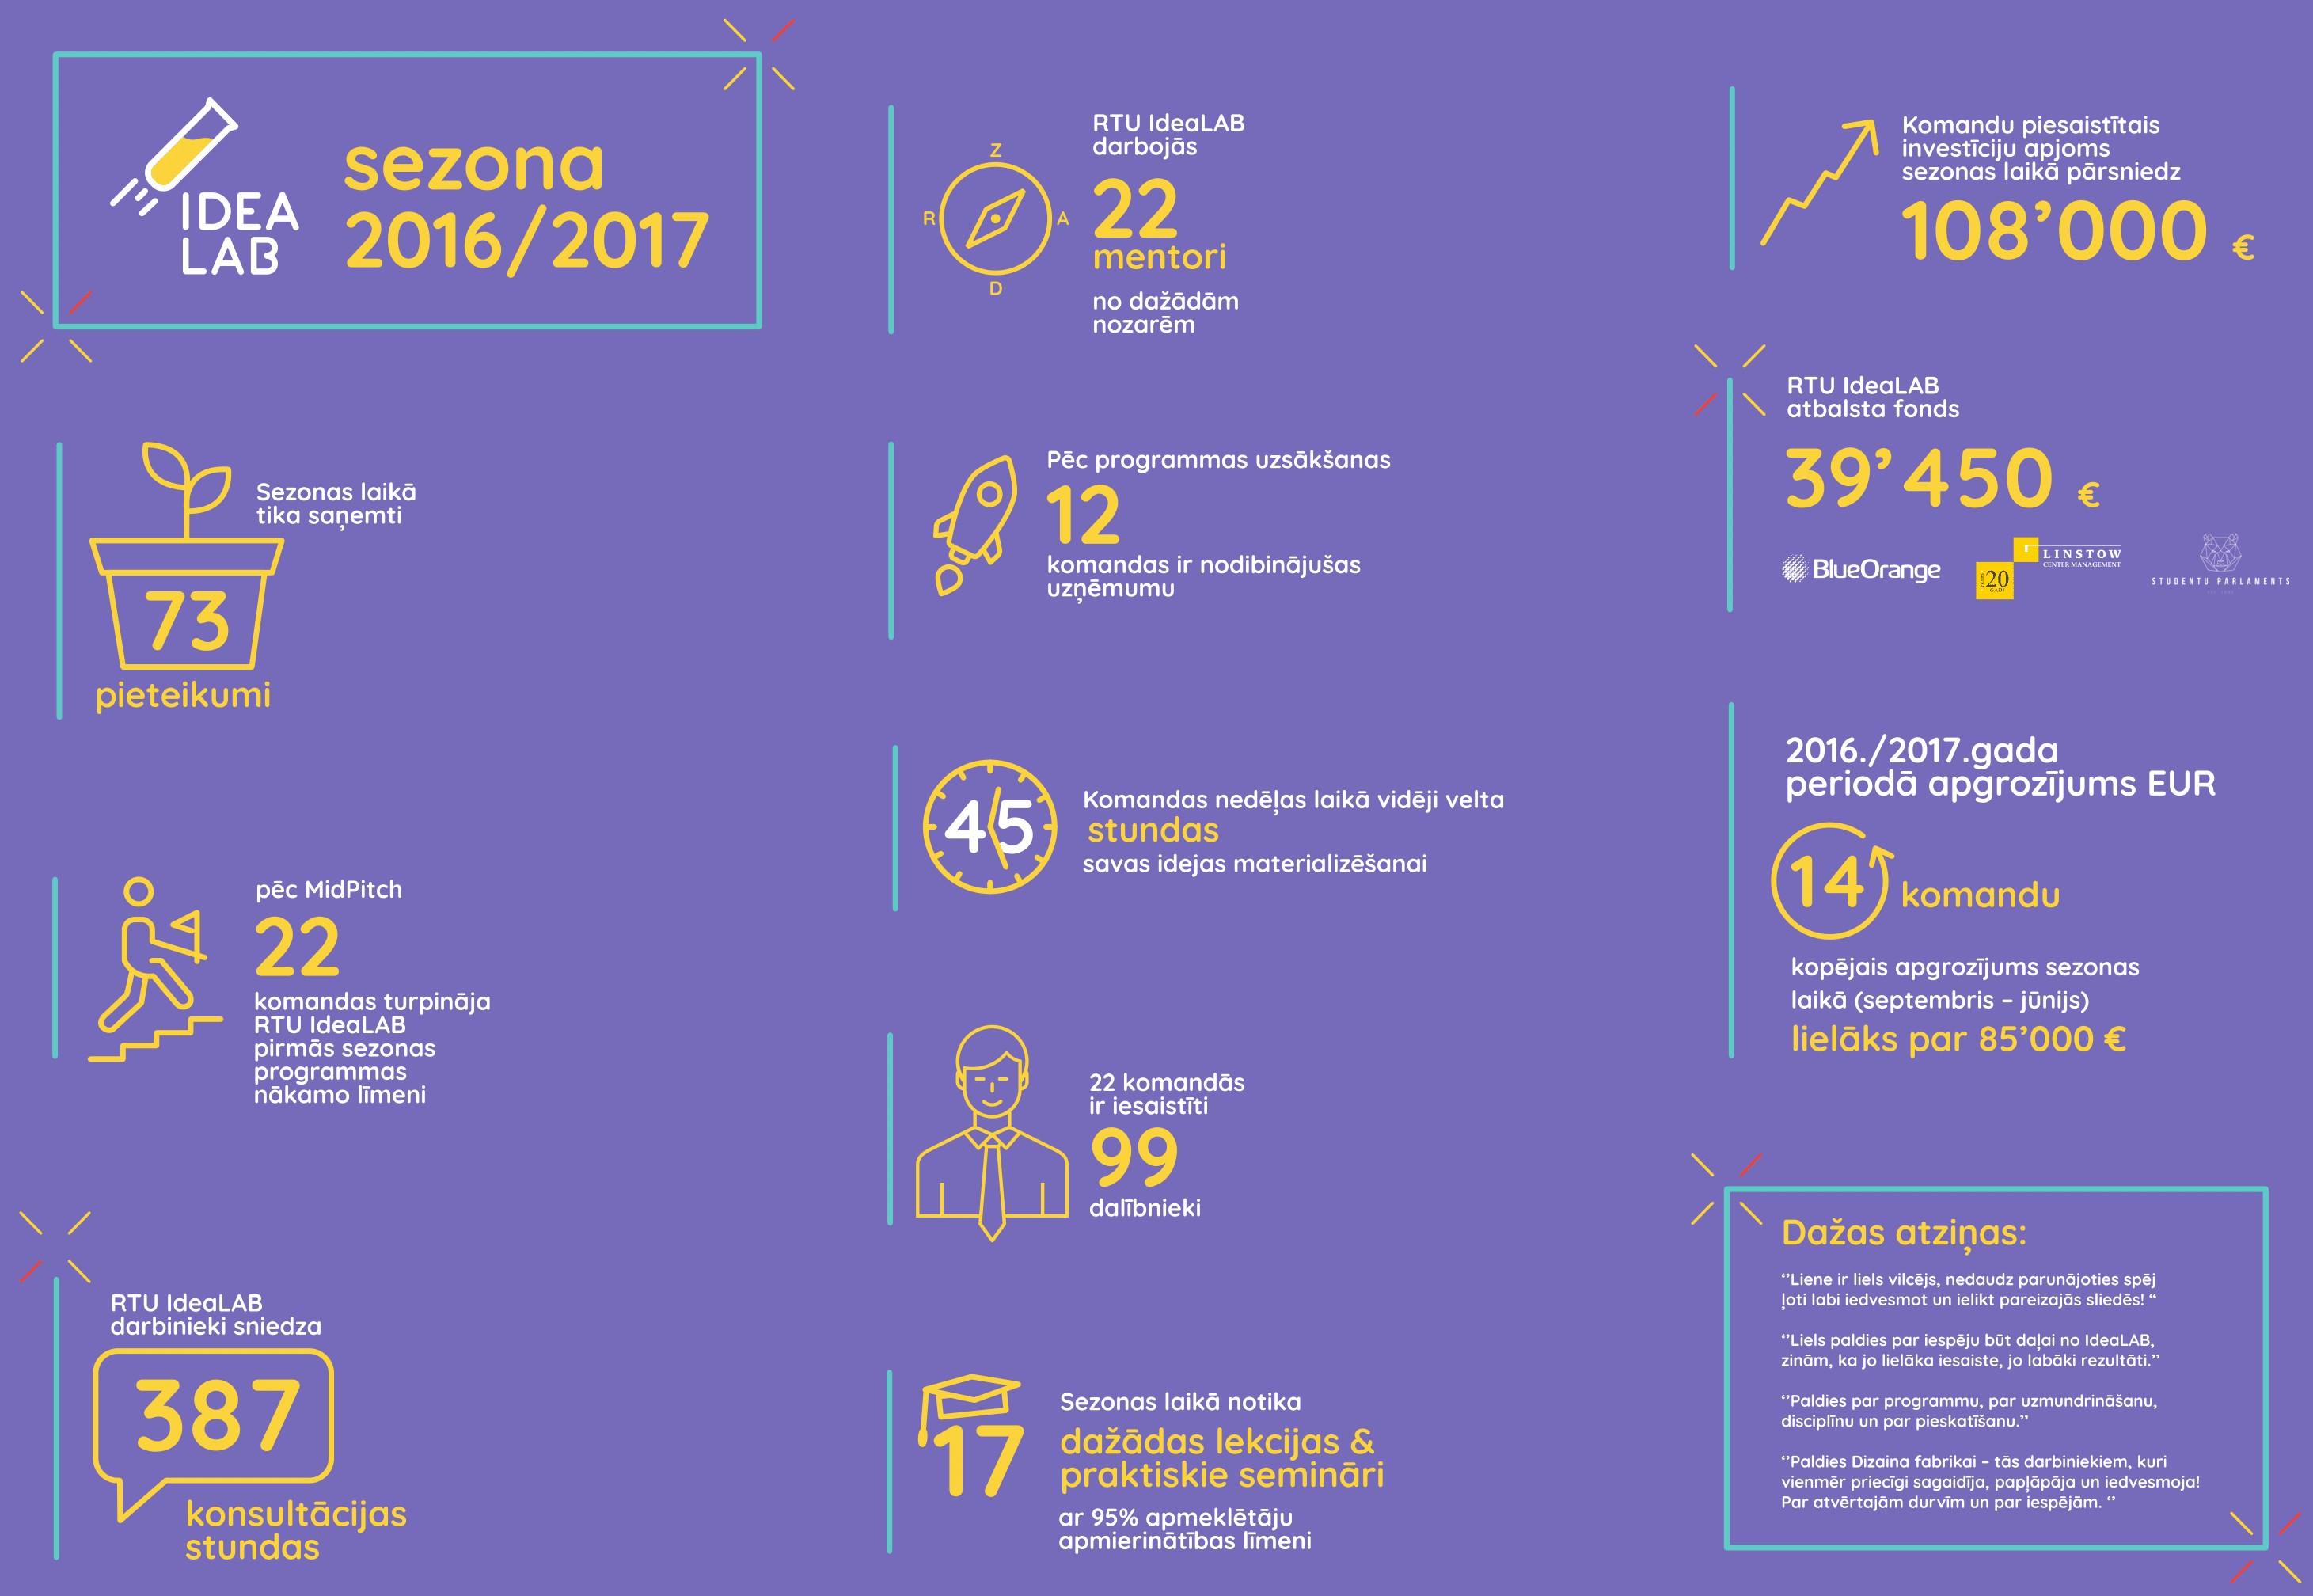 Jaunuzņēmuma, biznesa ideju pirmsinkubators RTU IdeaLAB, inkubatora, plakāts 2017/2018 sezonas rezultāti